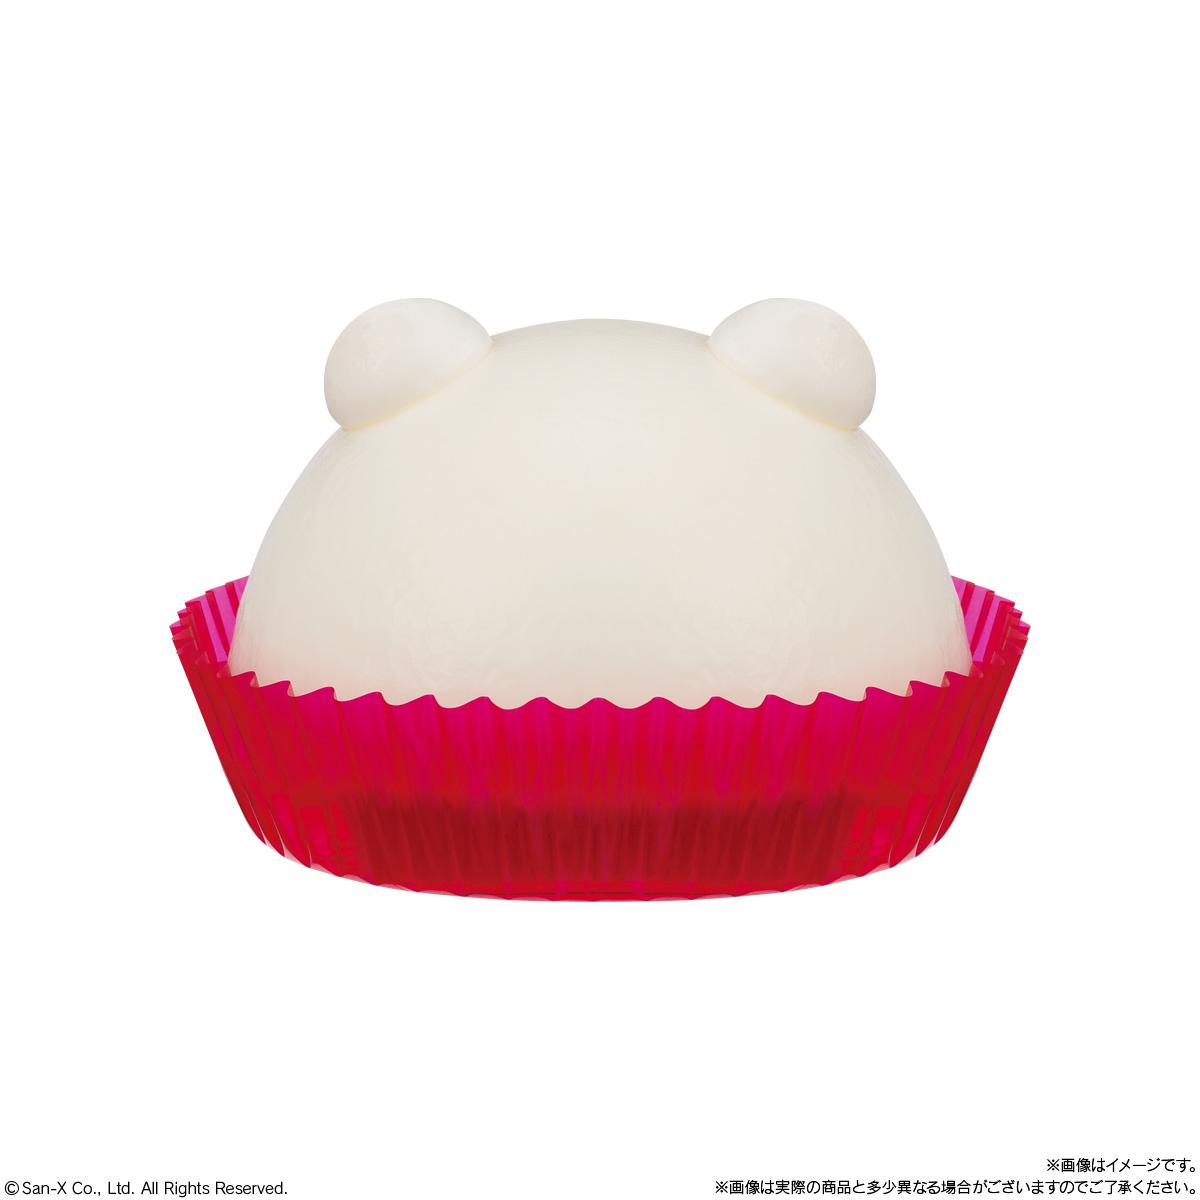 キャラデコmini すみっコぐらしのケーキ しろくま_4